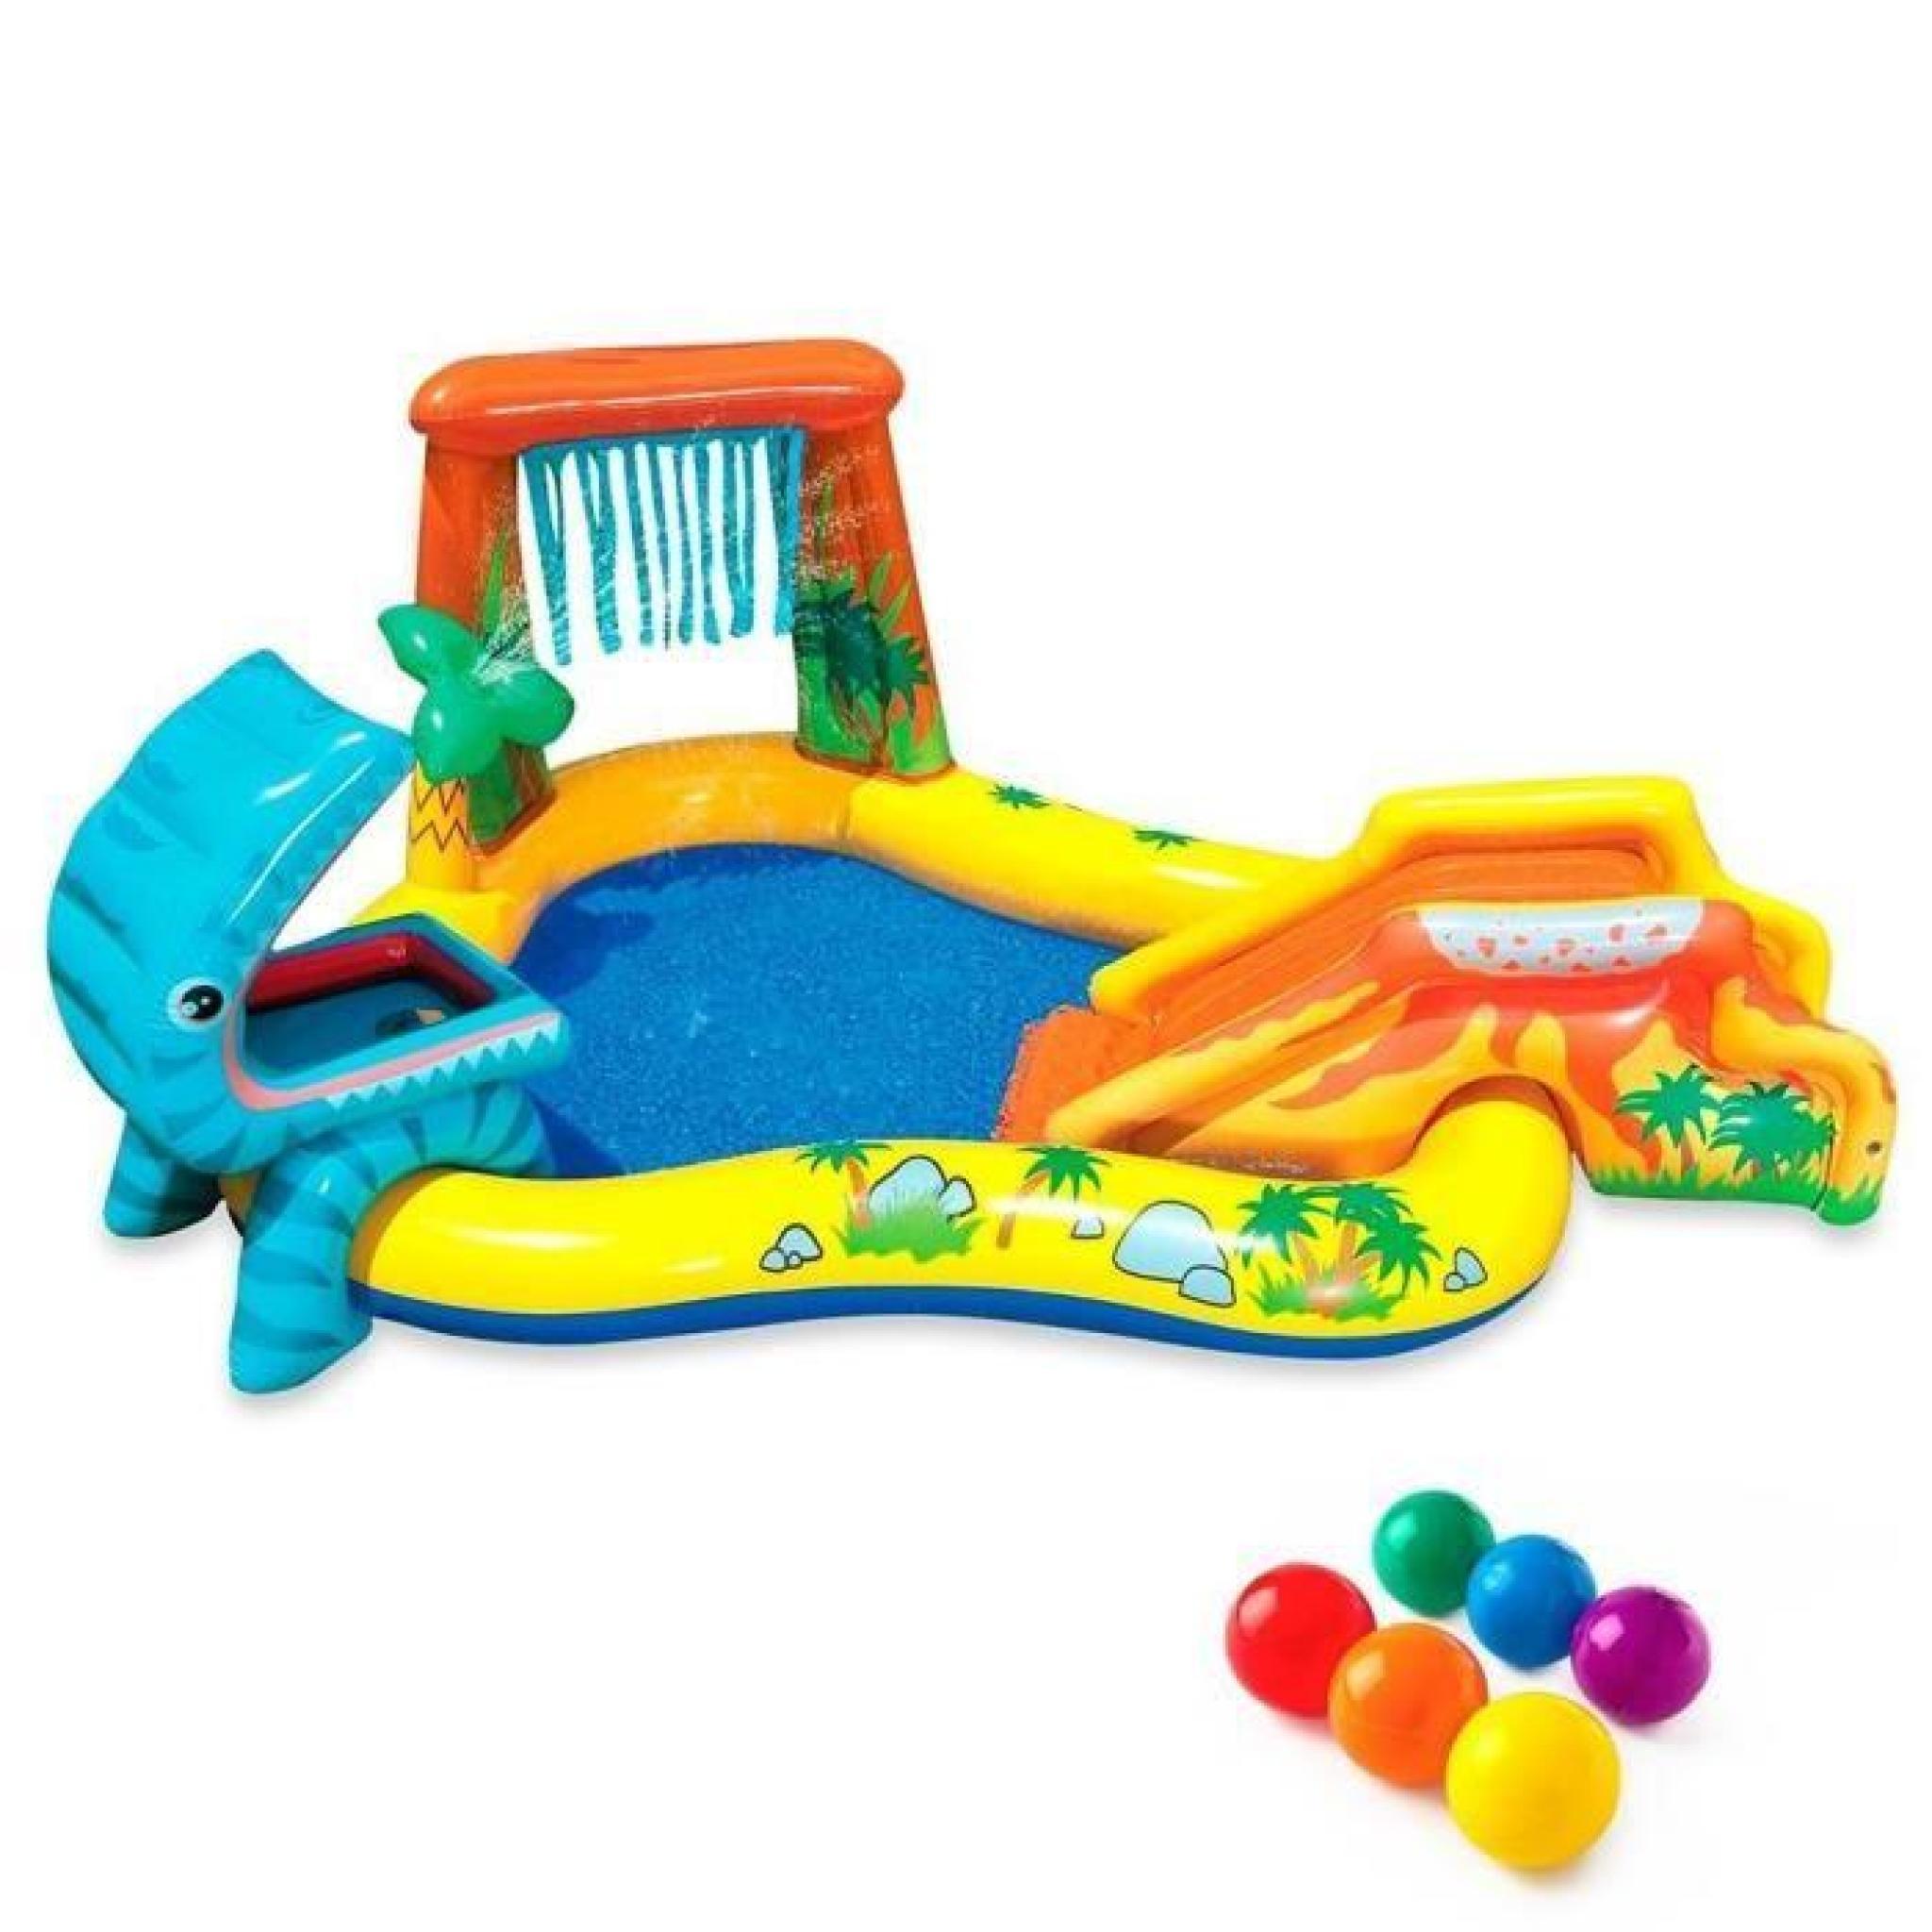 Intex Piscine Gonflable Enfant / Aire De Jeux Aquatique 297 X 193 X 135 Cm  Rainbow Avec Toboggan, Sprayer, Anneaux Gonflables Et Bal avec Piscine Enfant Pas Cher